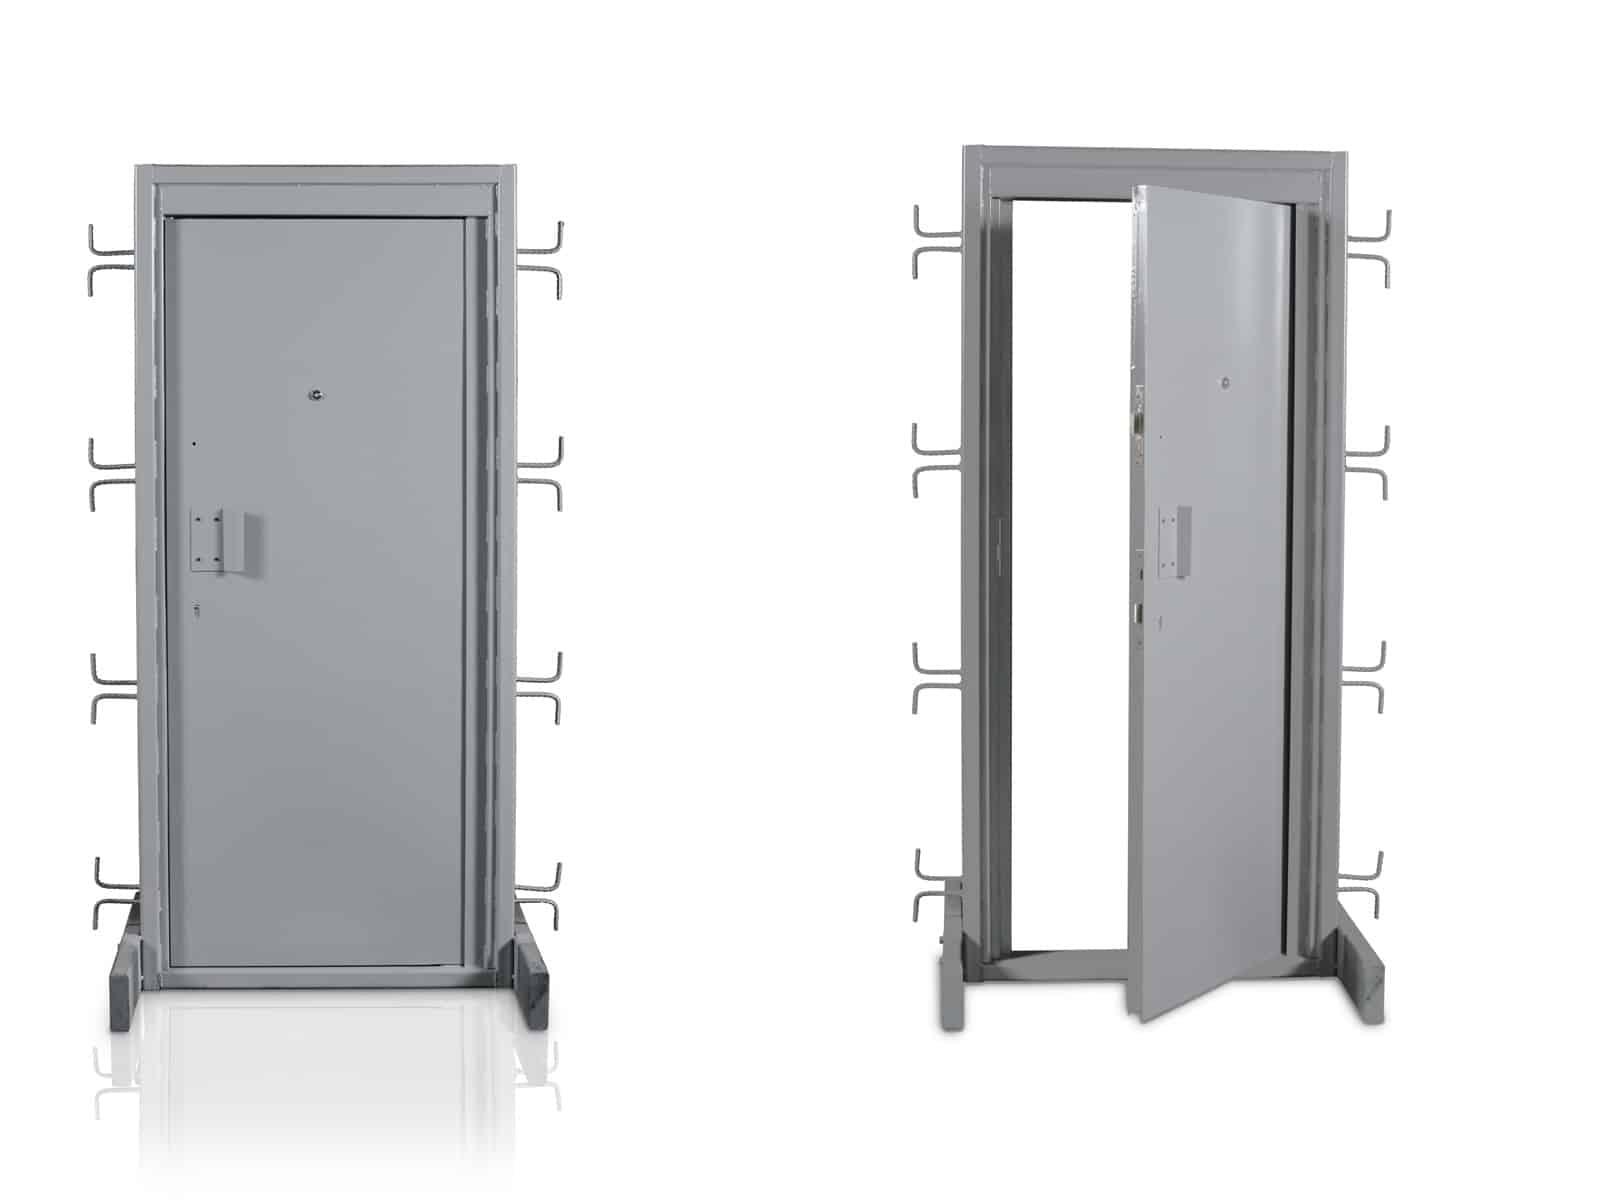 Necesitas puertas de seguridad descubre los materiales - Puertas seguridad ...